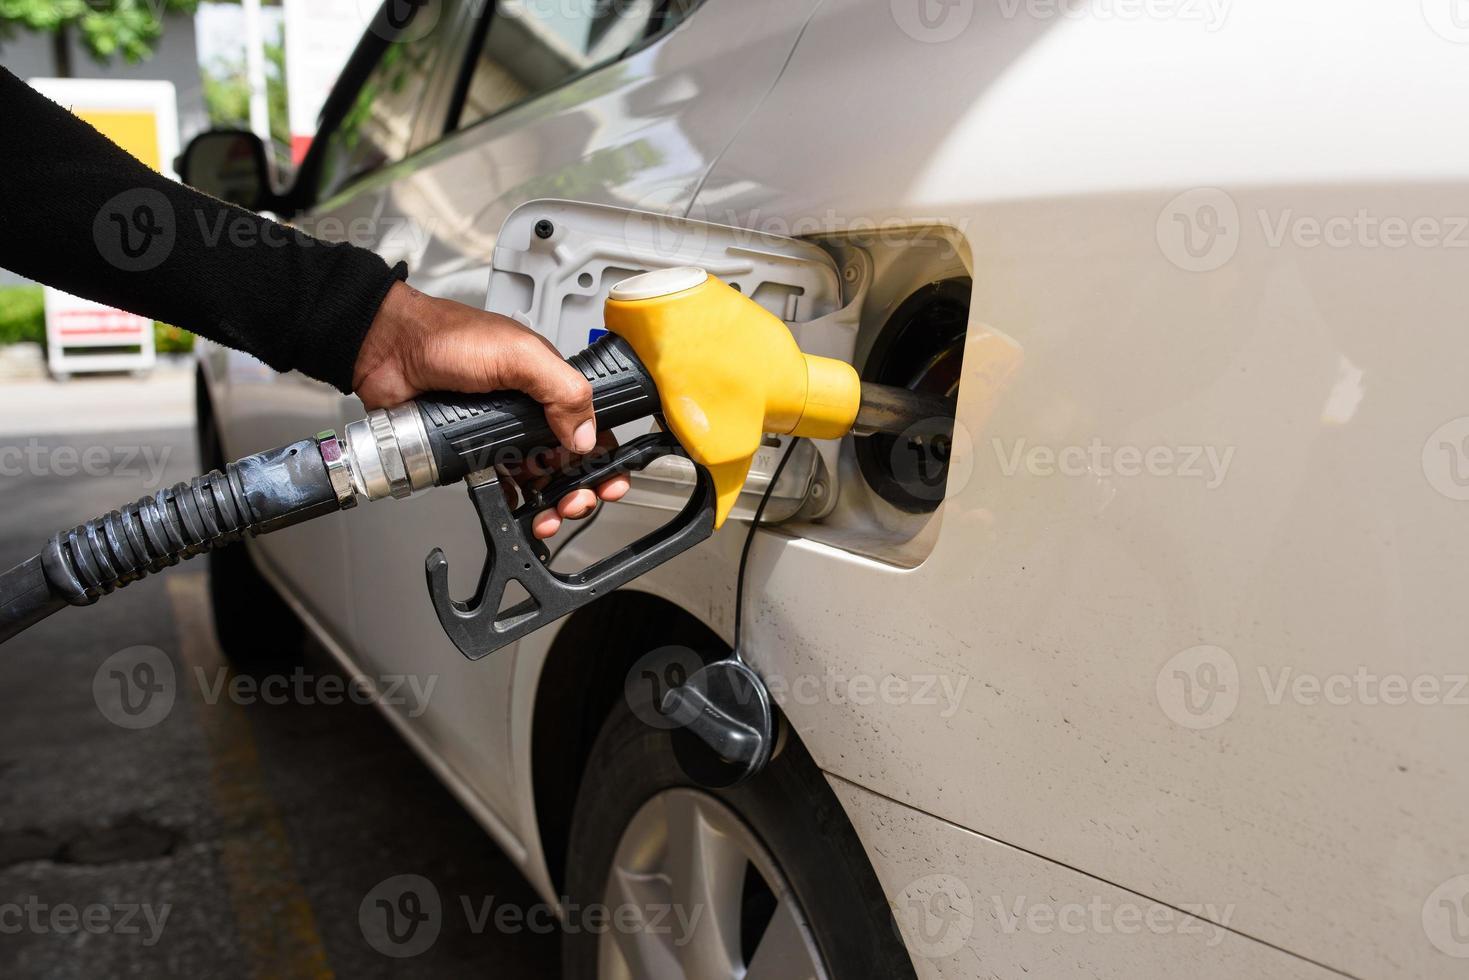 mano rellenando el auto con combustible, foco mano foto